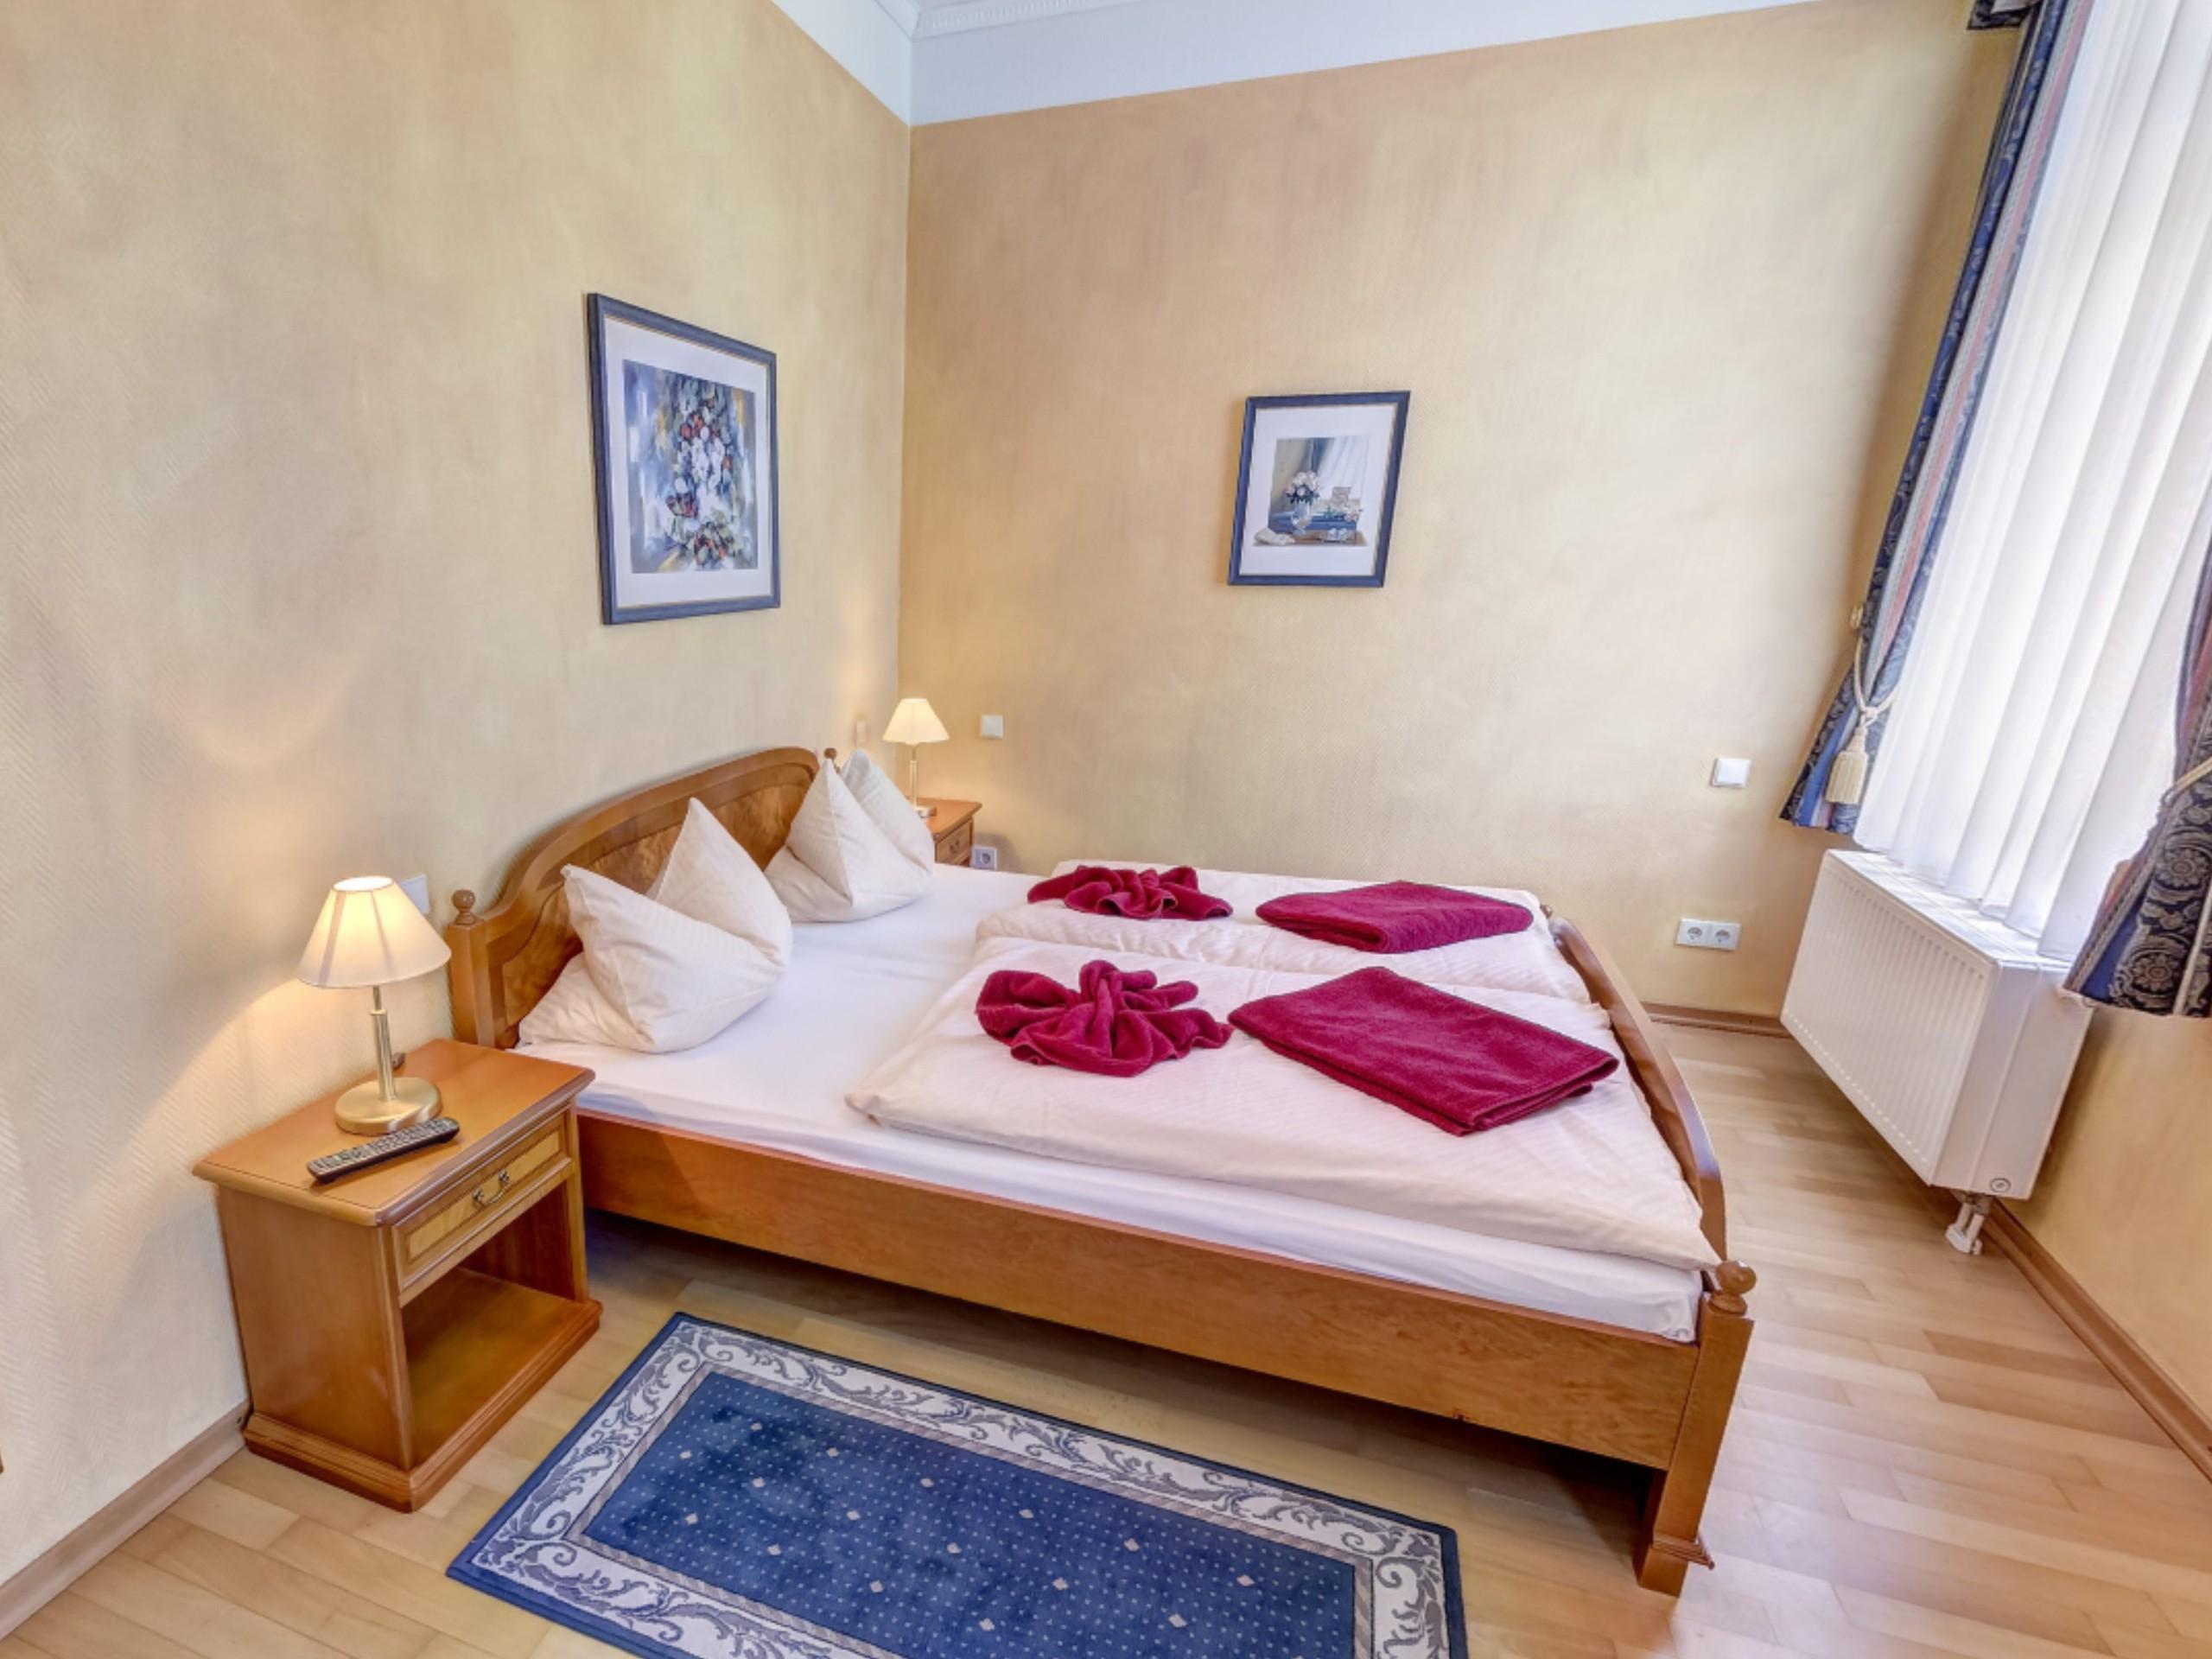 Schlafzimmer (Bett 180 x 200 cm)